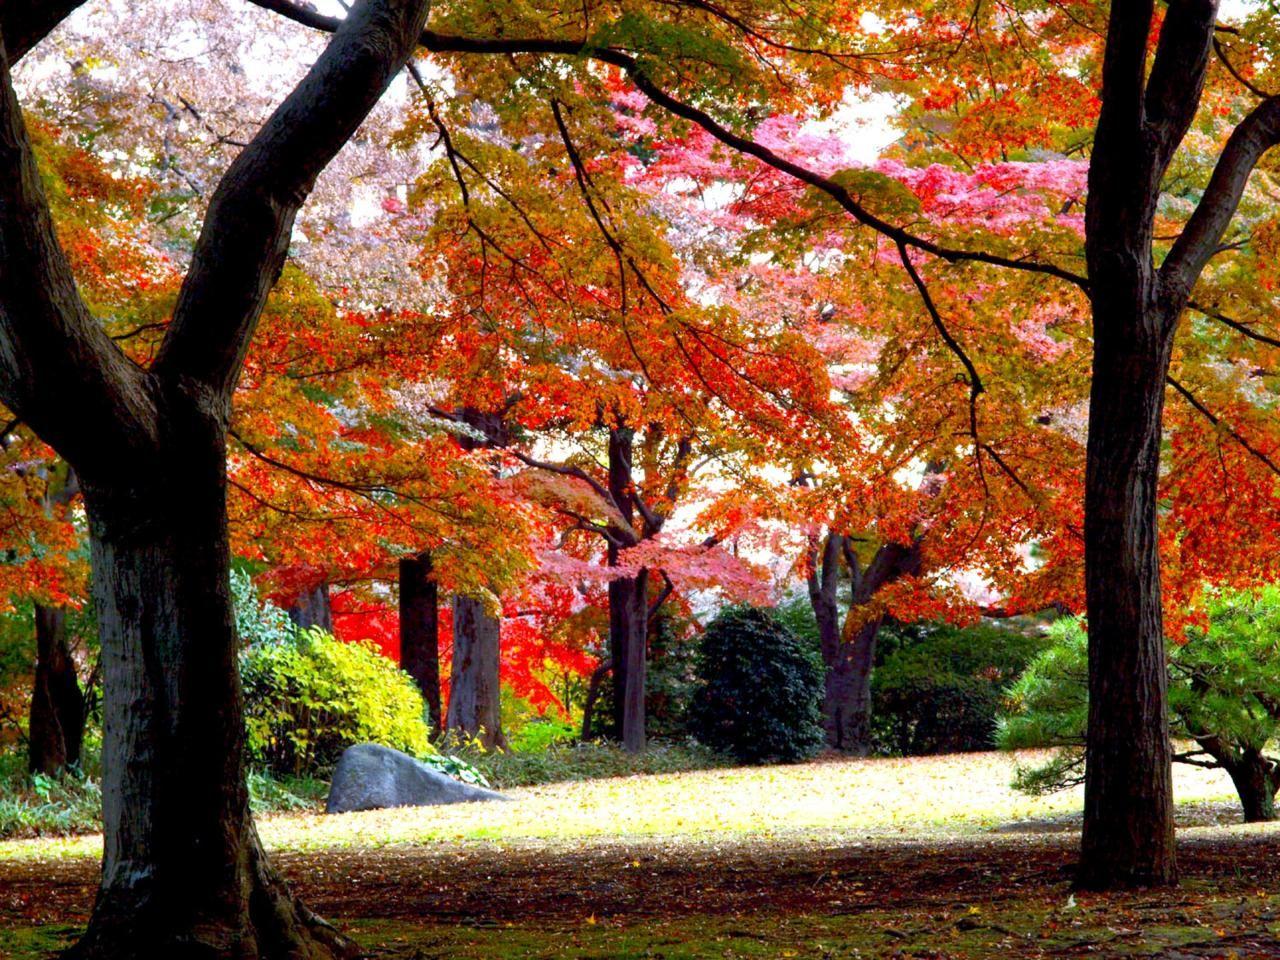 都内の紅葉スポット!国分寺「殿ヶ谷戸庭園」で秋を満喫